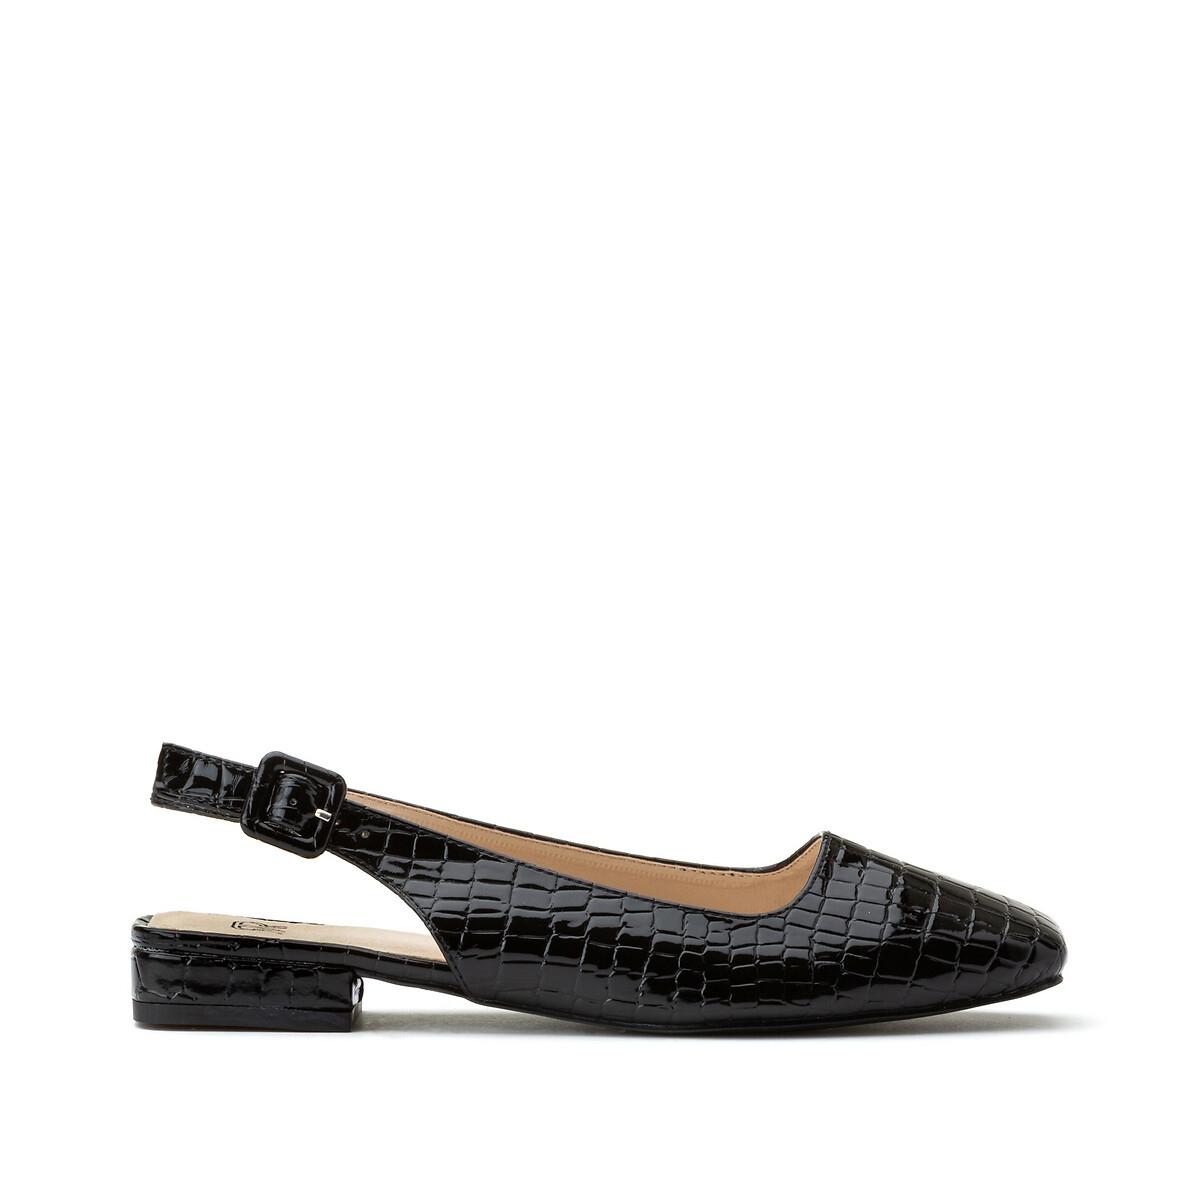 цена Балетки La Redoute На плоском каблуке с эффектом крокодиловой кожи 41 черный онлайн в 2017 году